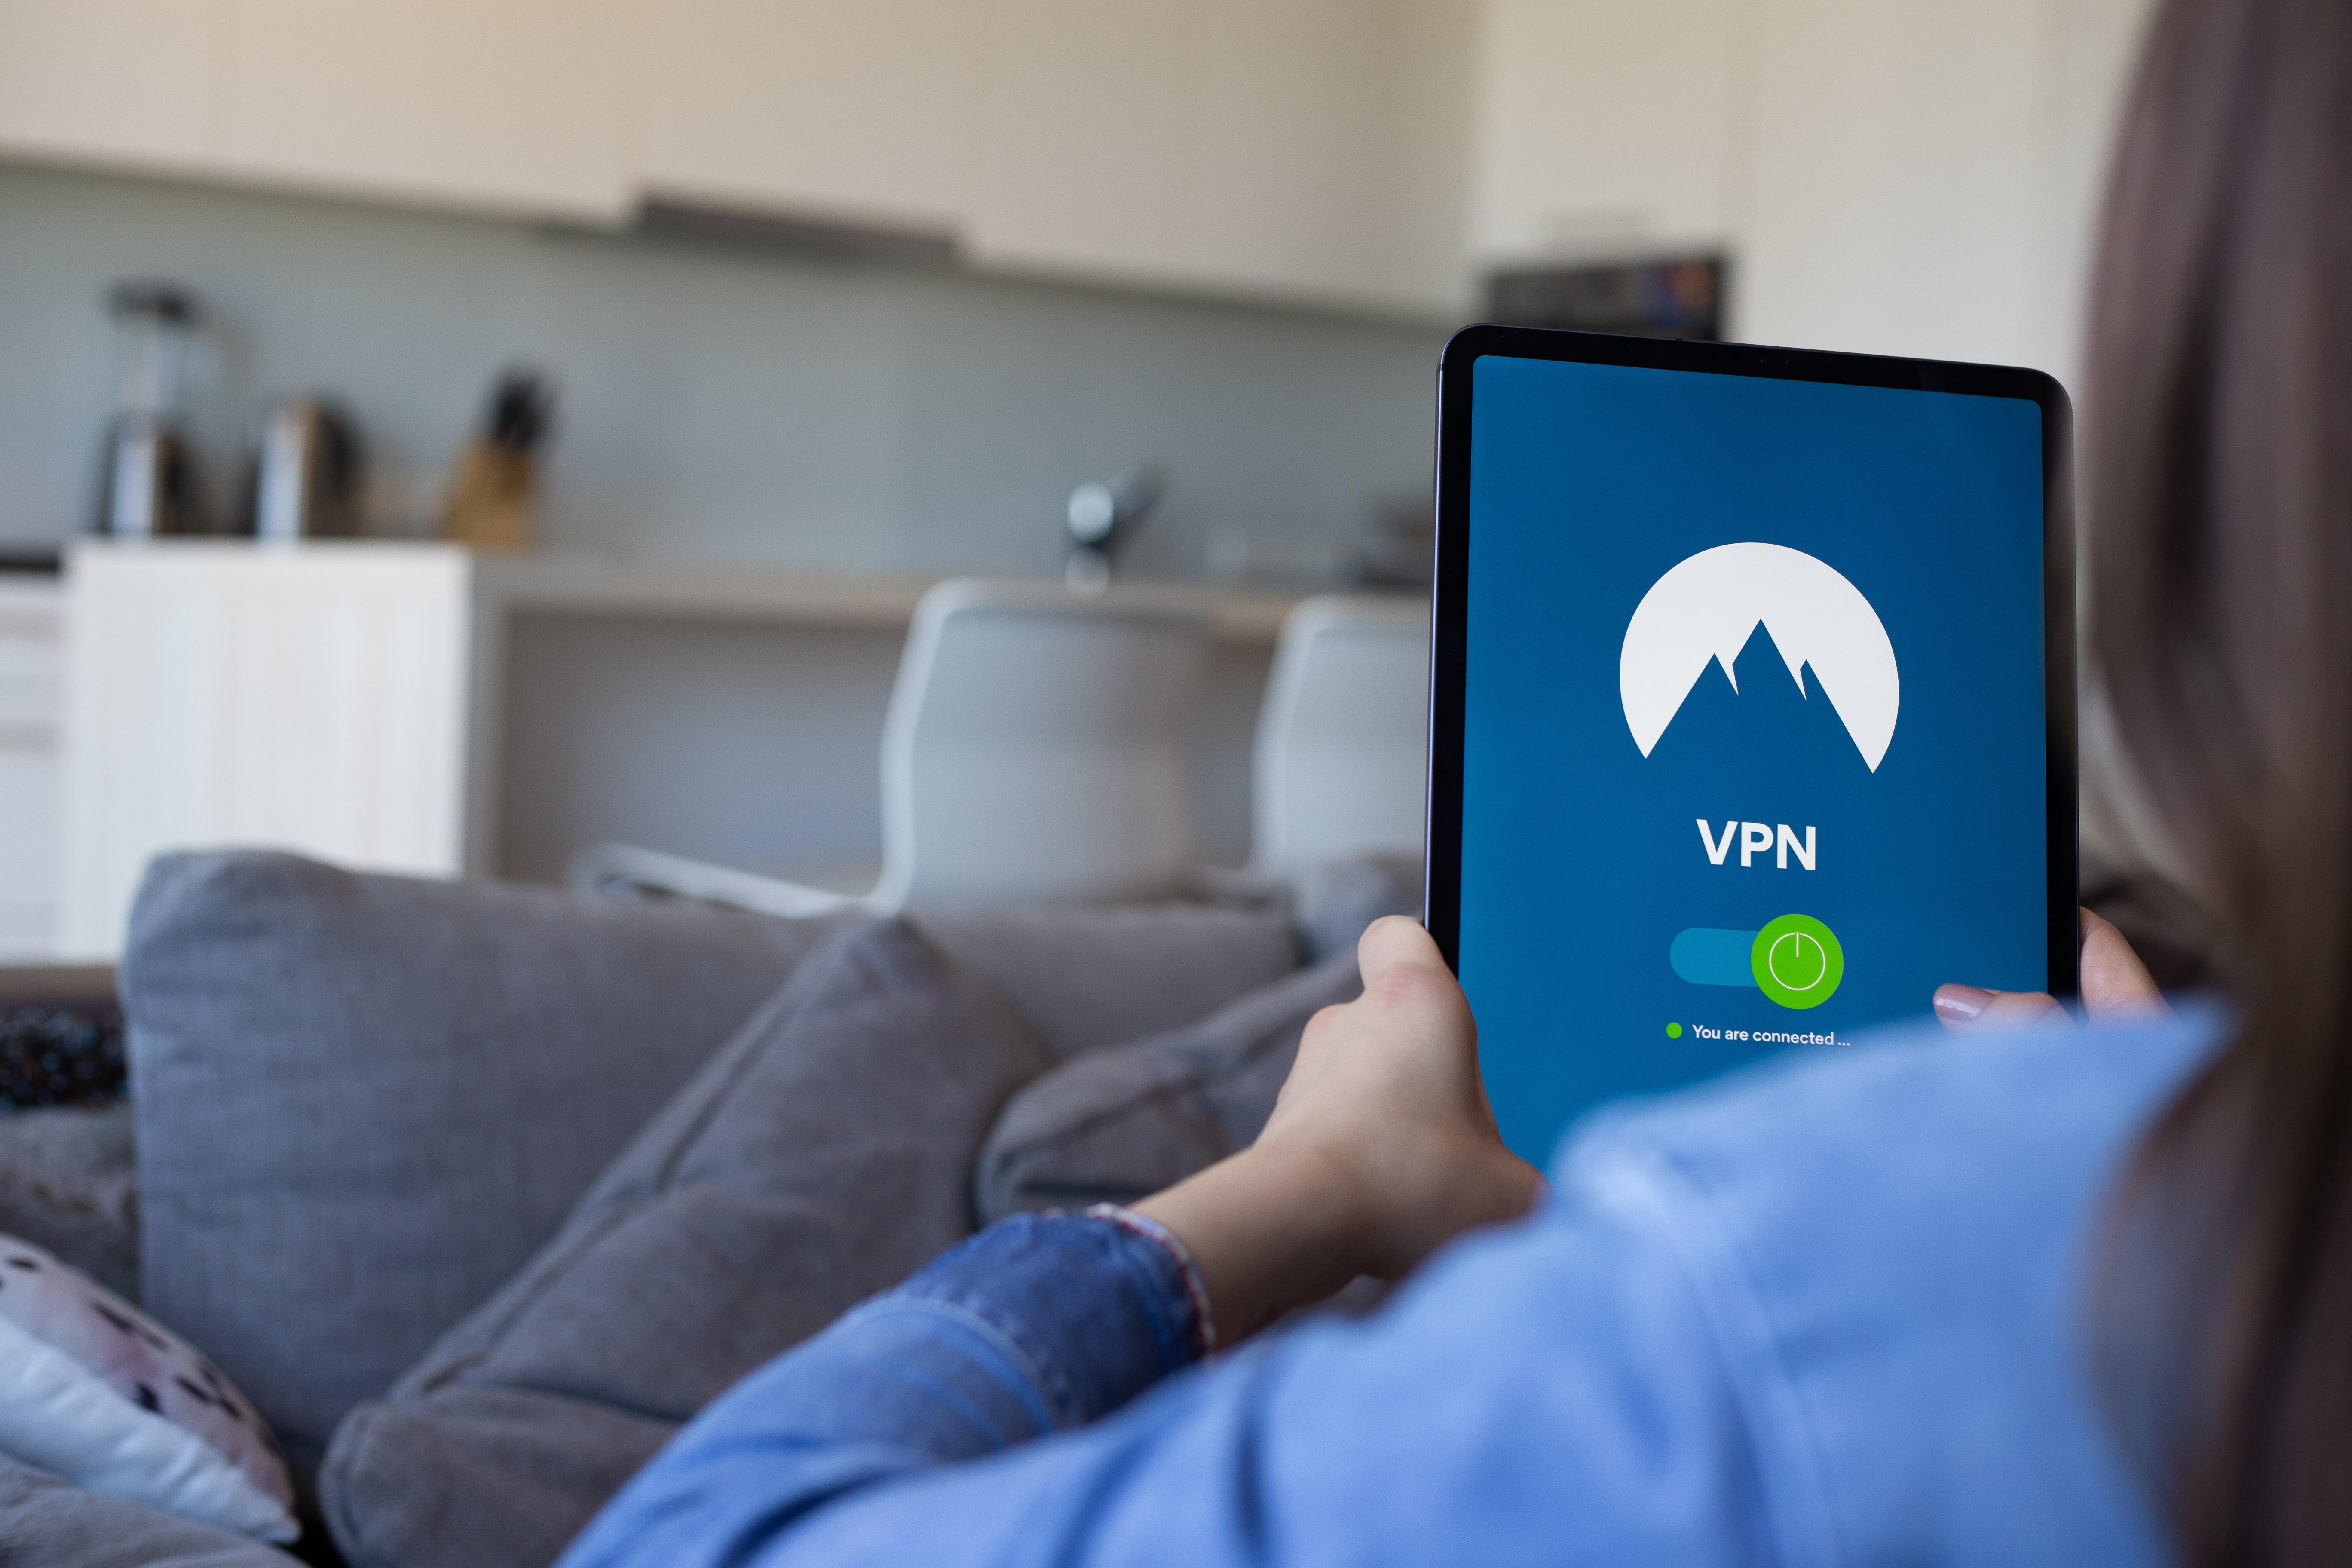 ภาพของผู้หญิงกำลังนั่งอยู่บนโซฟาใช้แท็บเล็ต อยู่ในหน้าจอเปิด VPN